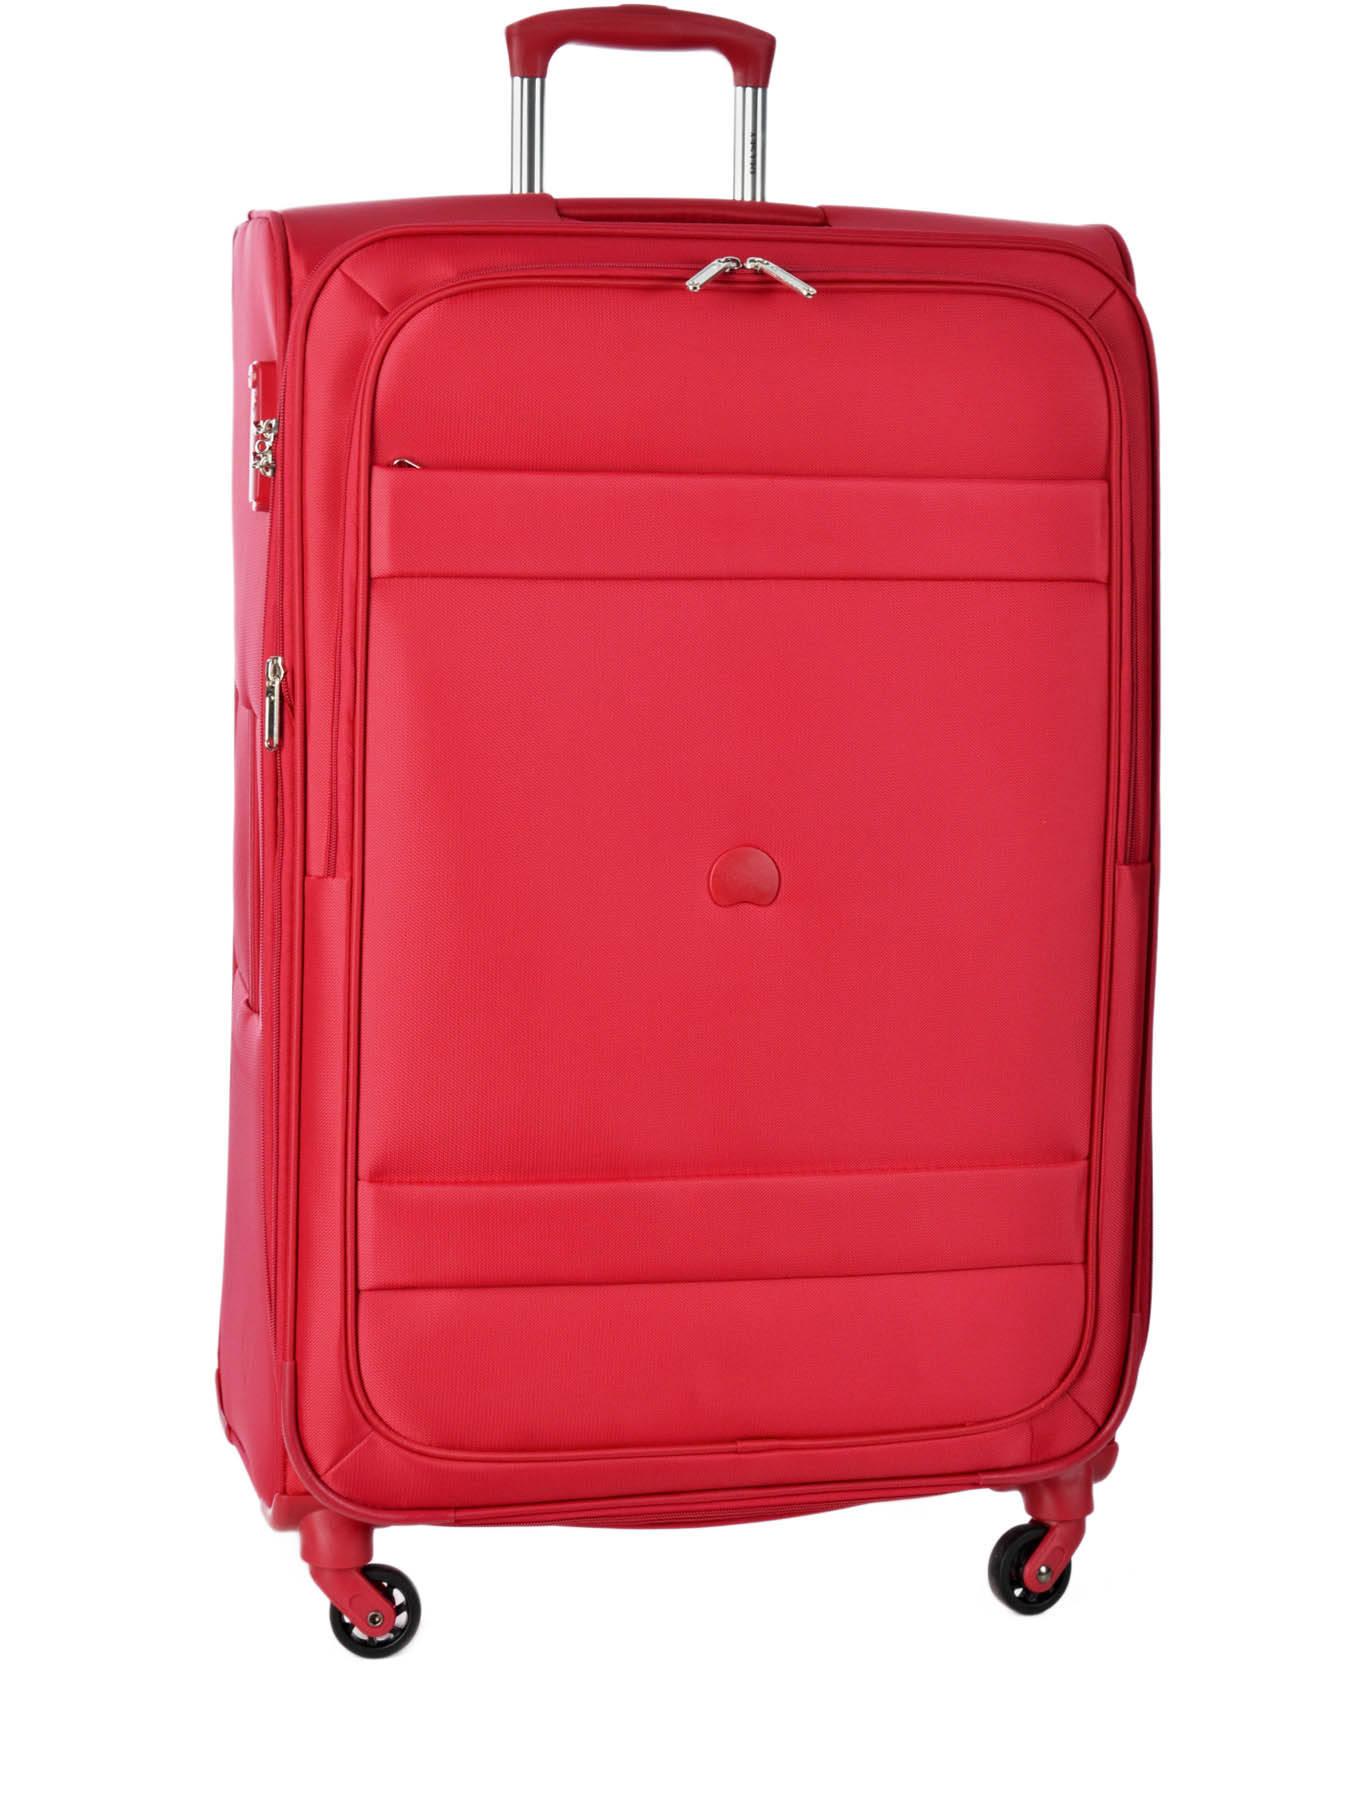 valise souple delsey indiscrete rouge en vente au meilleur prix. Black Bedroom Furniture Sets. Home Design Ideas